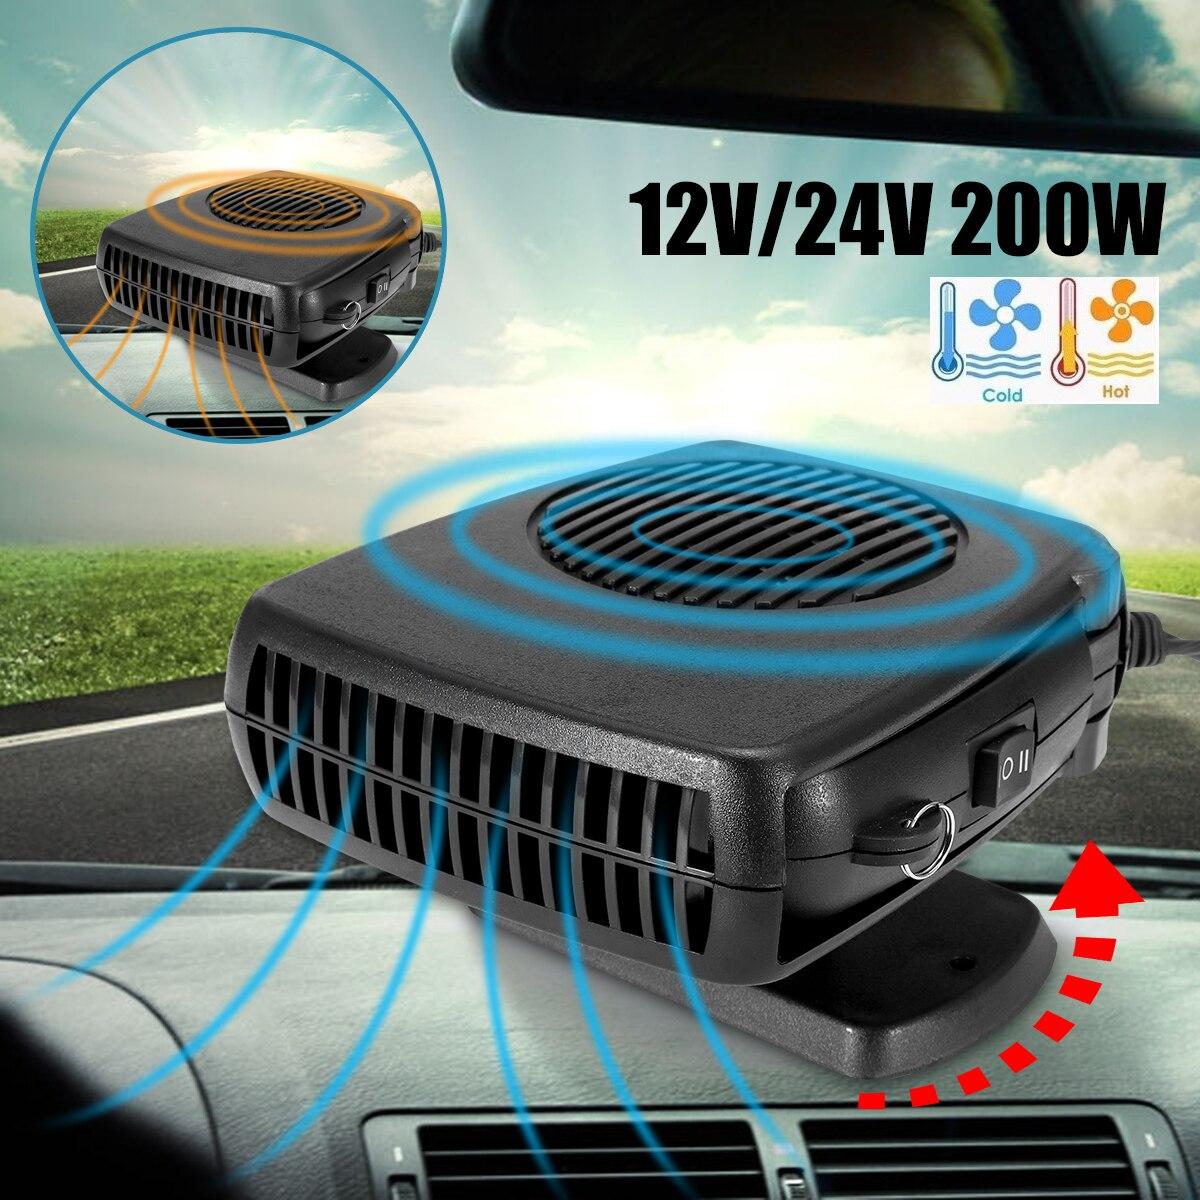 Luftkühler Fan Neue 10 Grip Auto Heizung 12 v/24 v 150-200 watt Windschutz Demister Defroster auto Heizung Kühlung Fenster Fahren Protabl